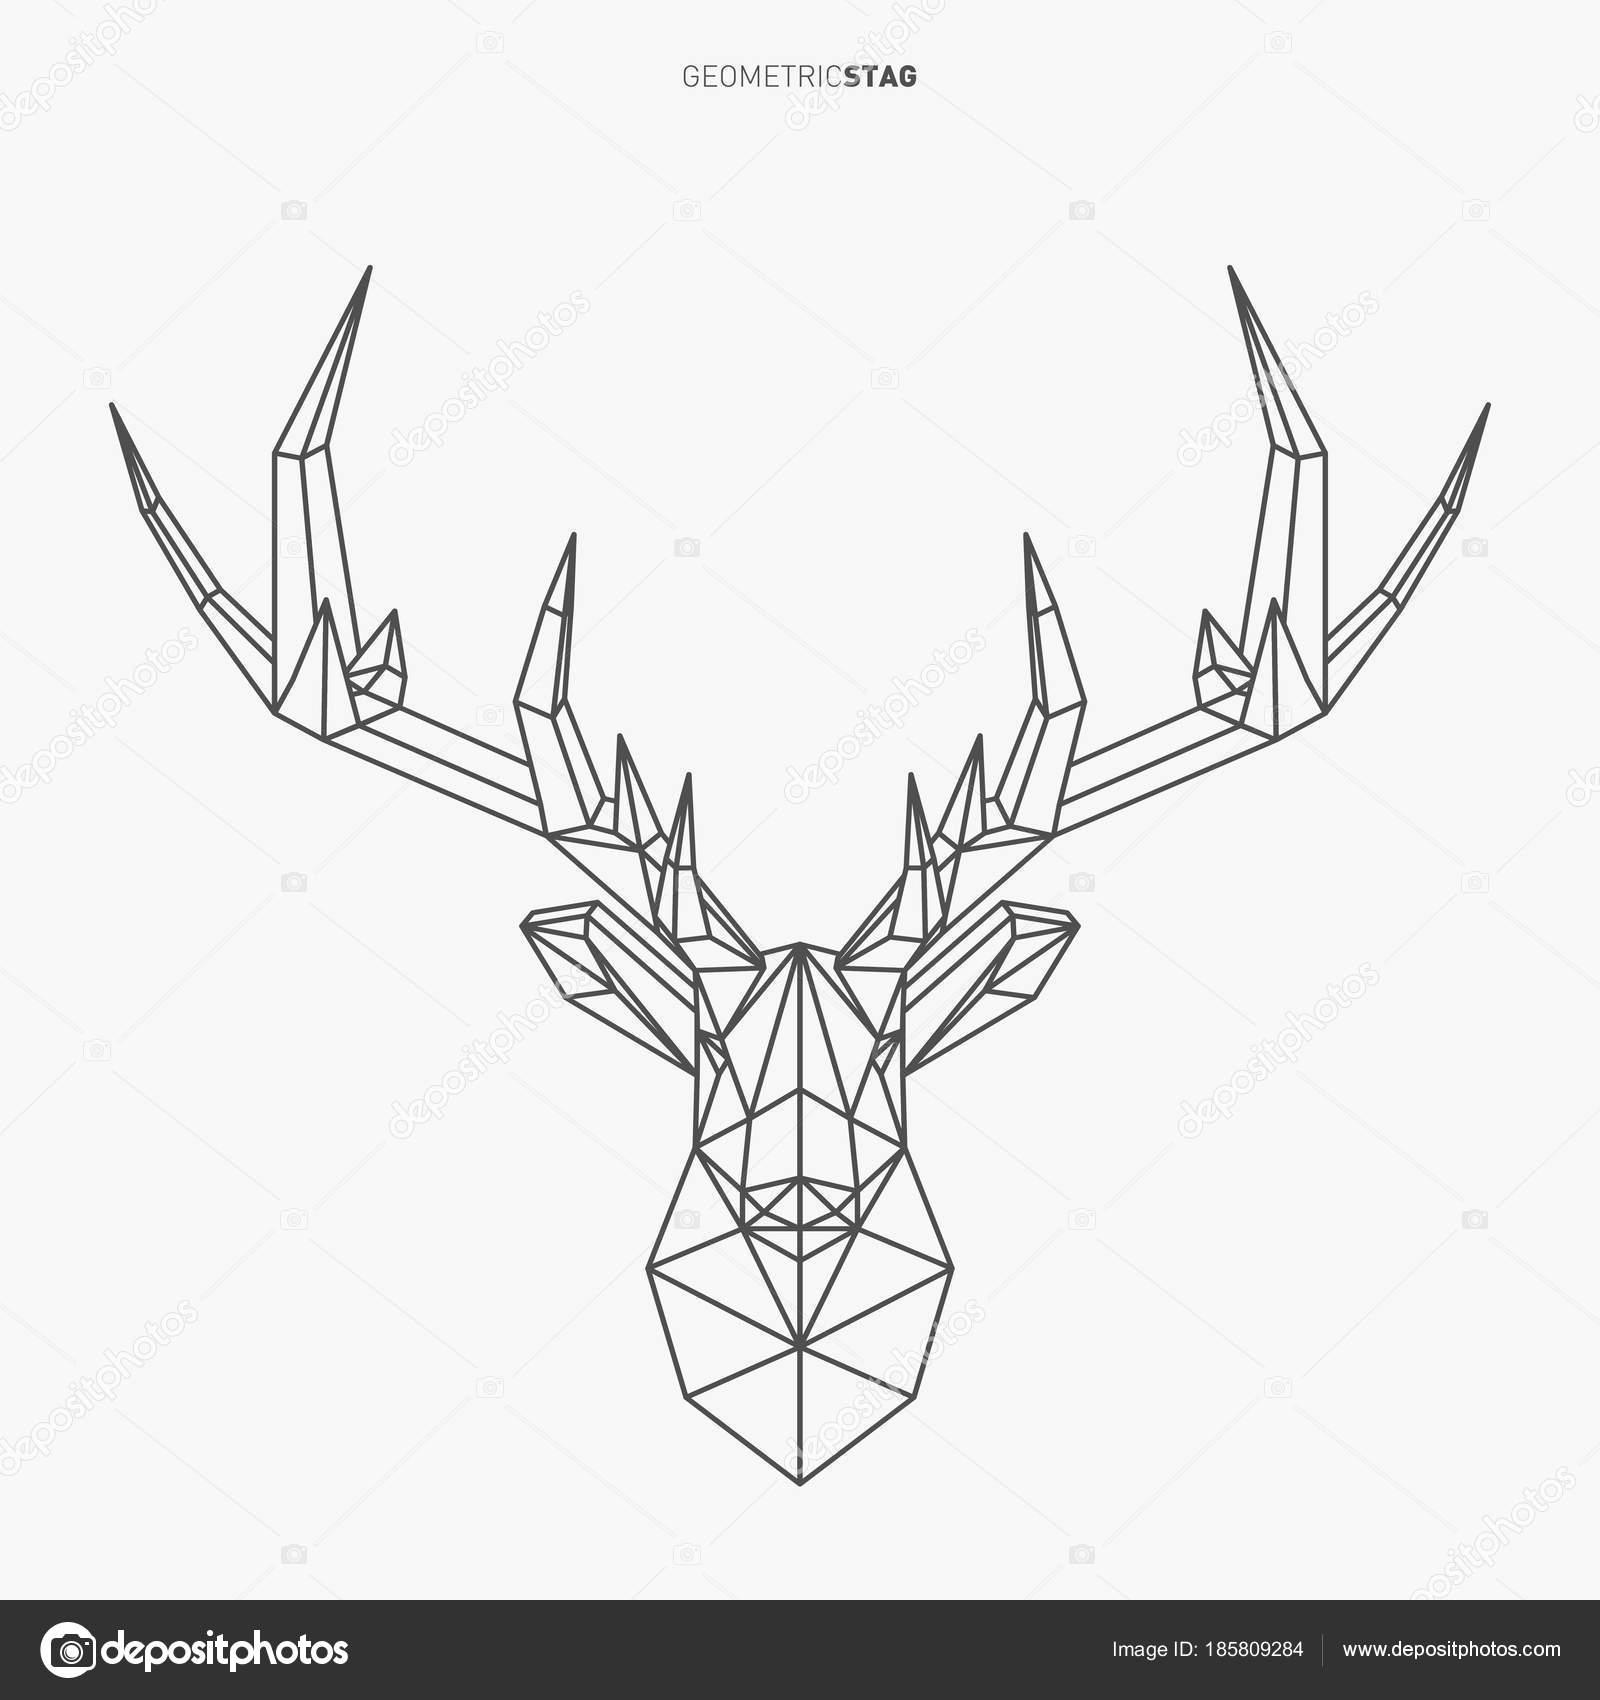 Stag Geometrique Image Vectorielle Kundra C 185809284